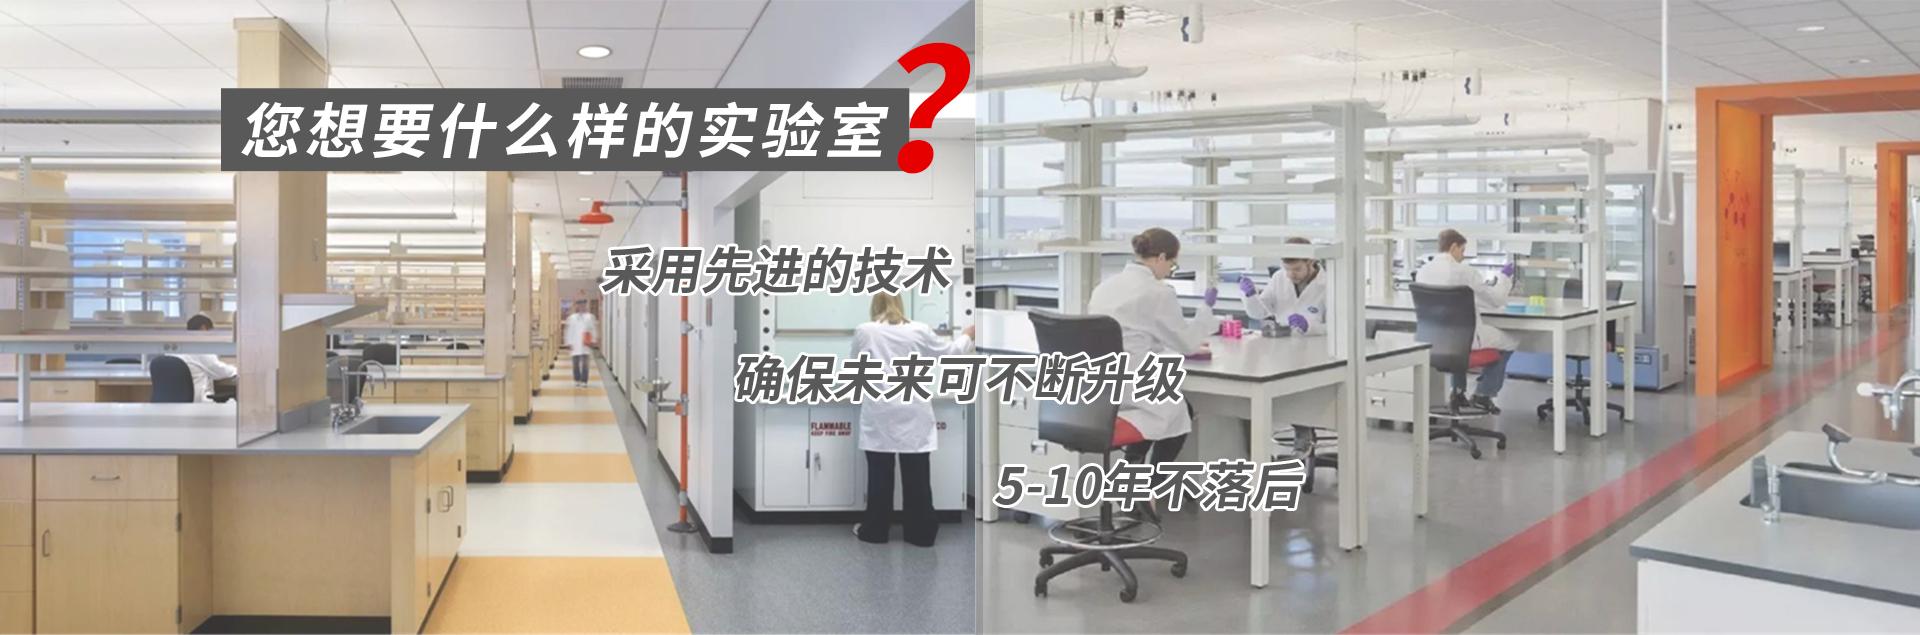 實驗室規劃設計 實驗室設備